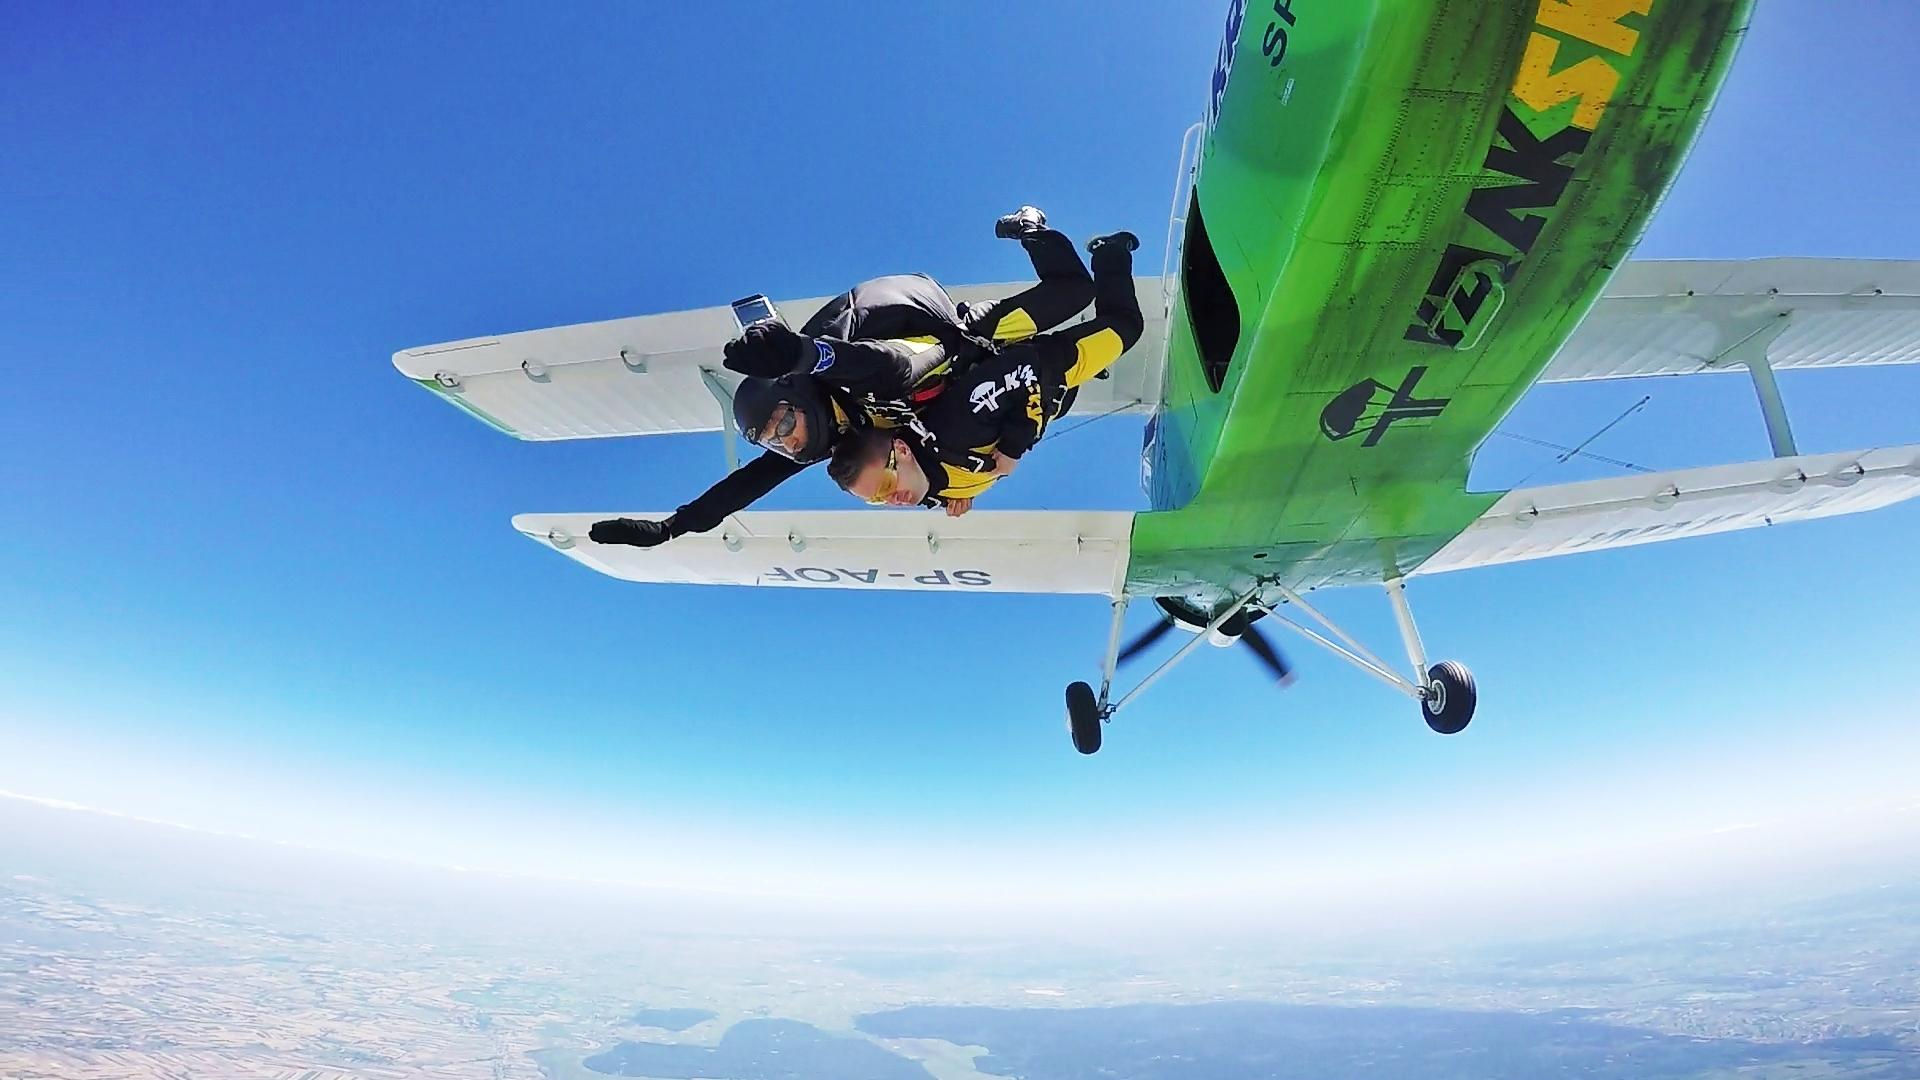 skoki spadochronowe kraków kraksy 14